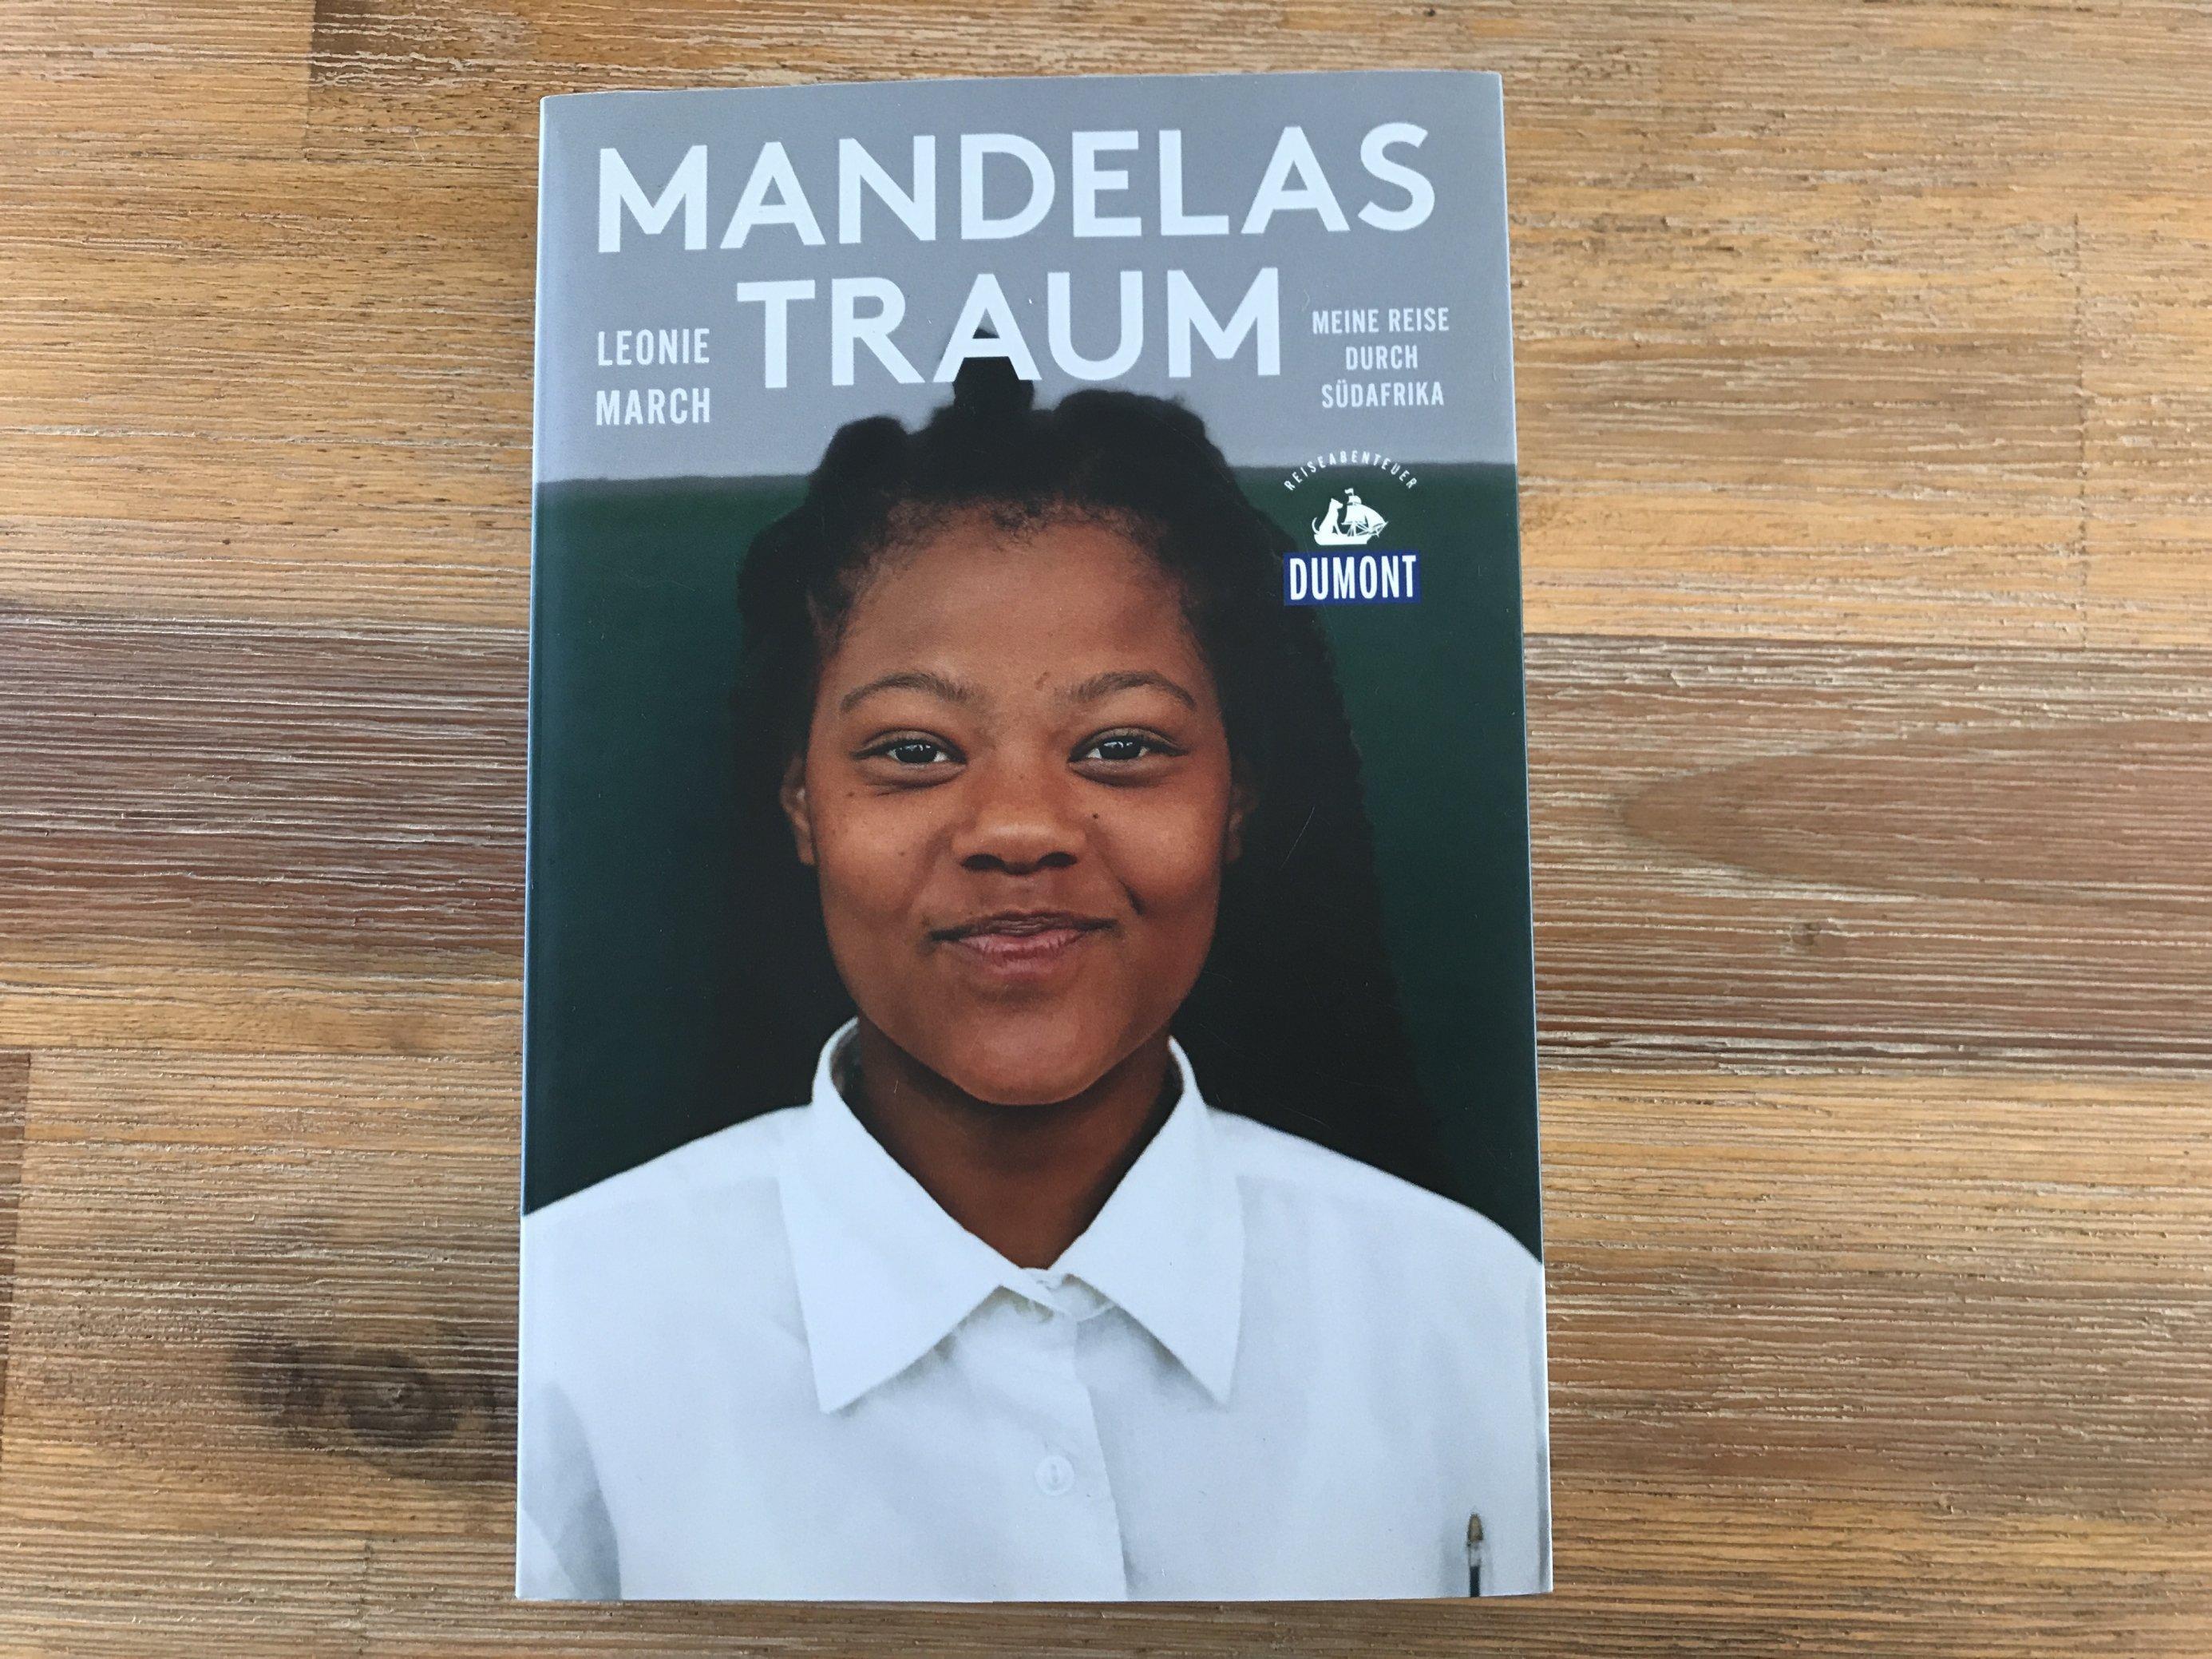 """Ein Buch liegt auf hölzernem Grund. Das Cover zeigt die Überschrift """"Mandelas Traum"""". Darunter lacht ein Mädchen in die Kamera."""